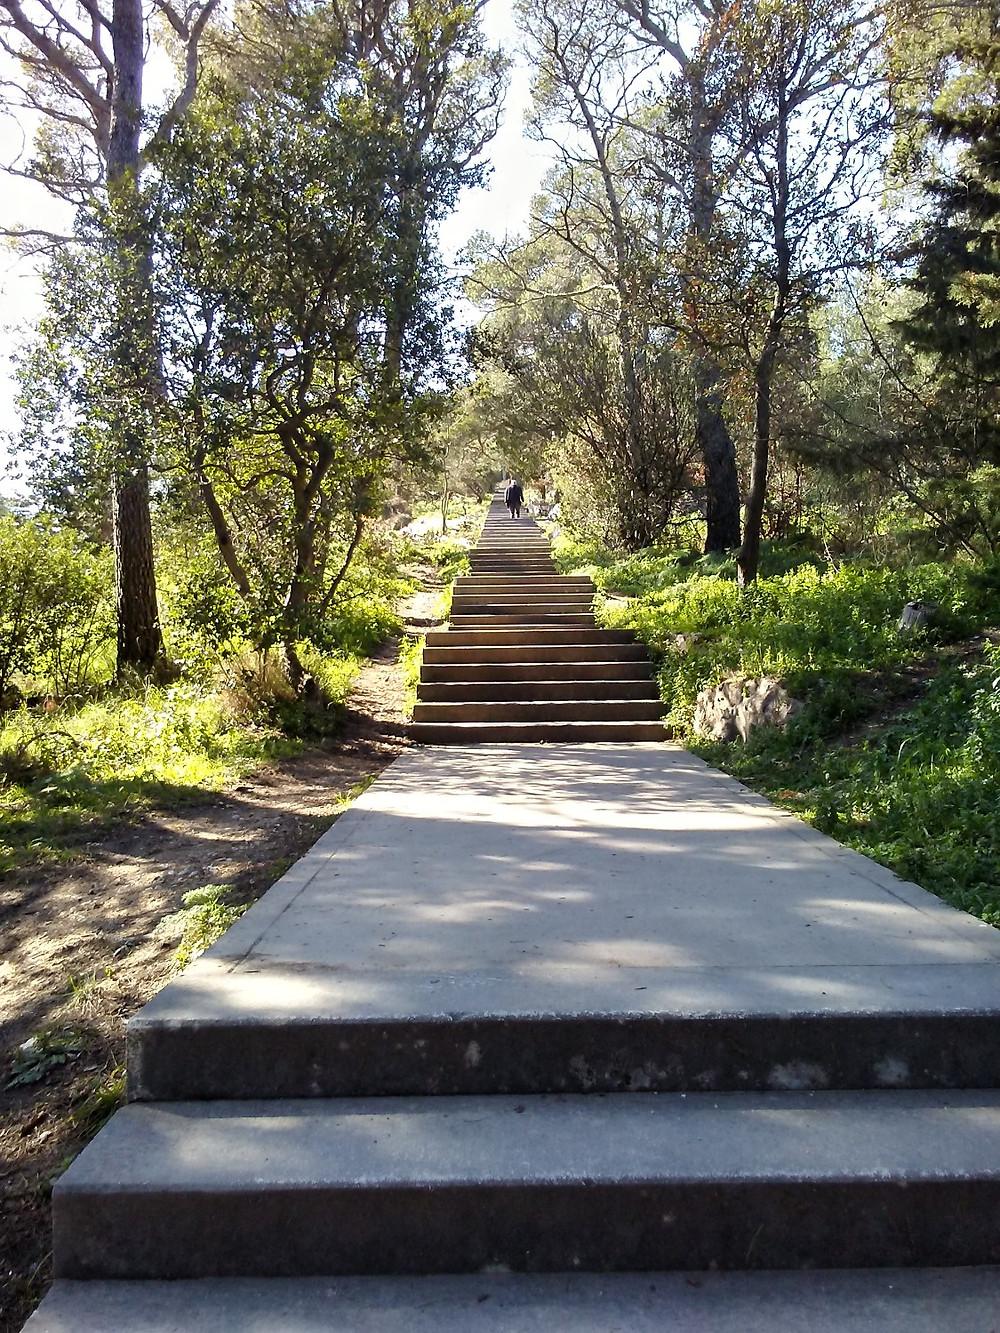 Stairs - Marjan - Split - Croatia